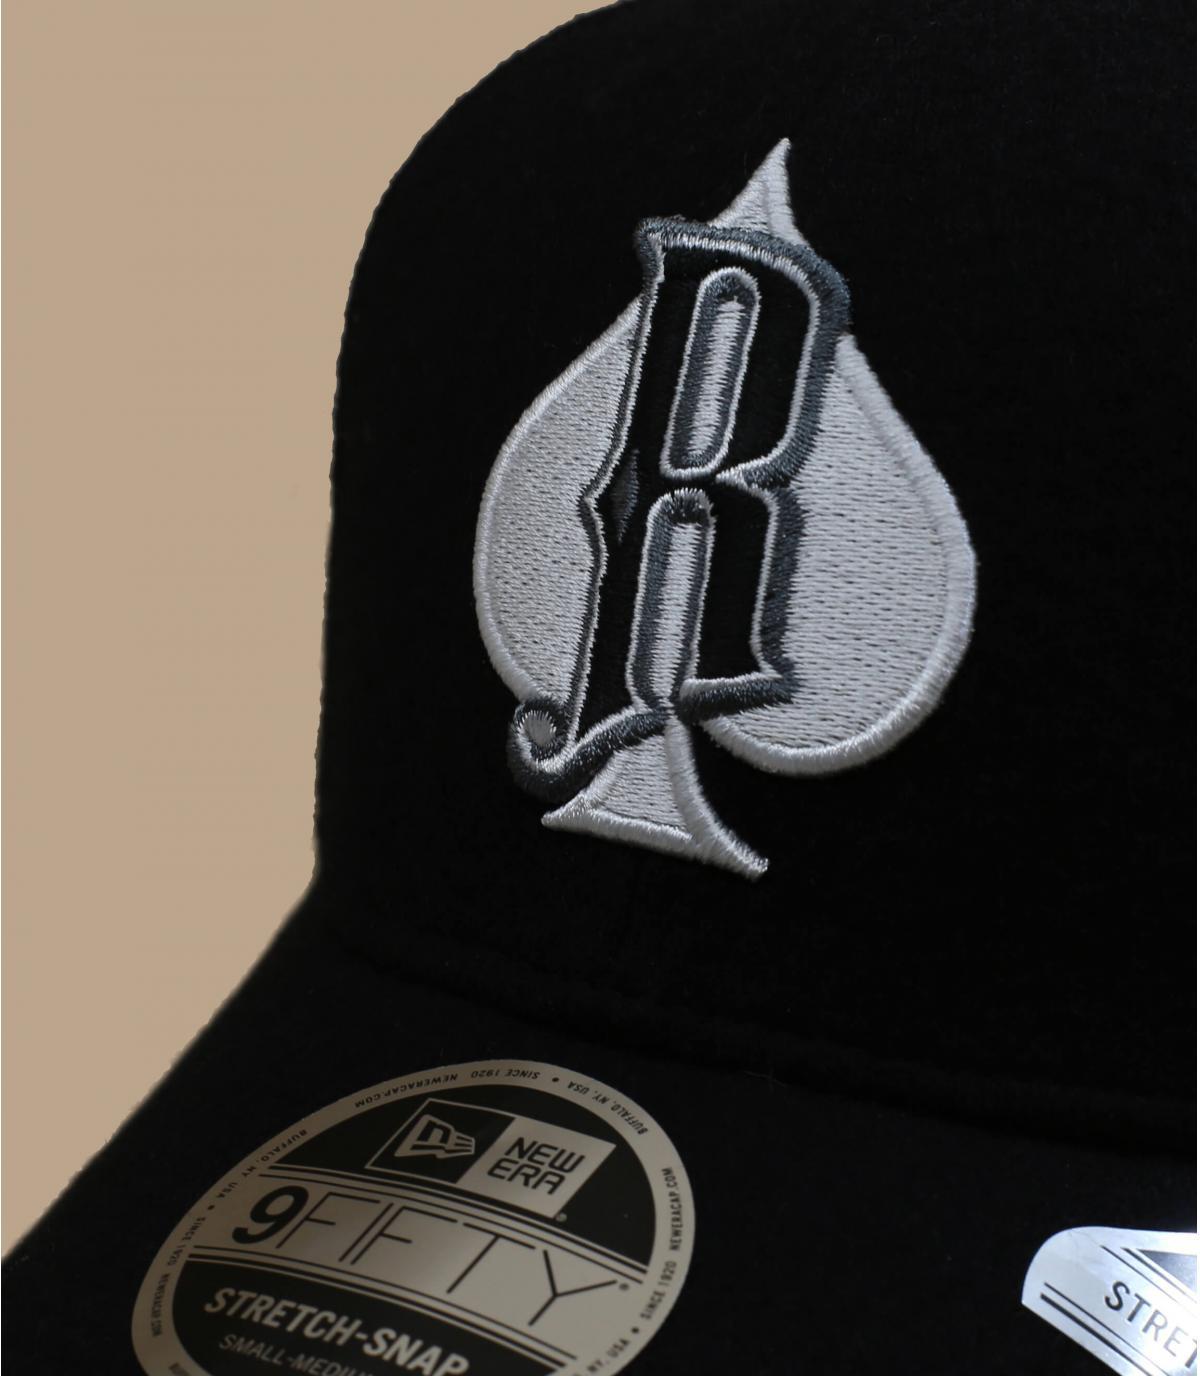 Details Minor League 950 Reno Aces black - afbeeling 2